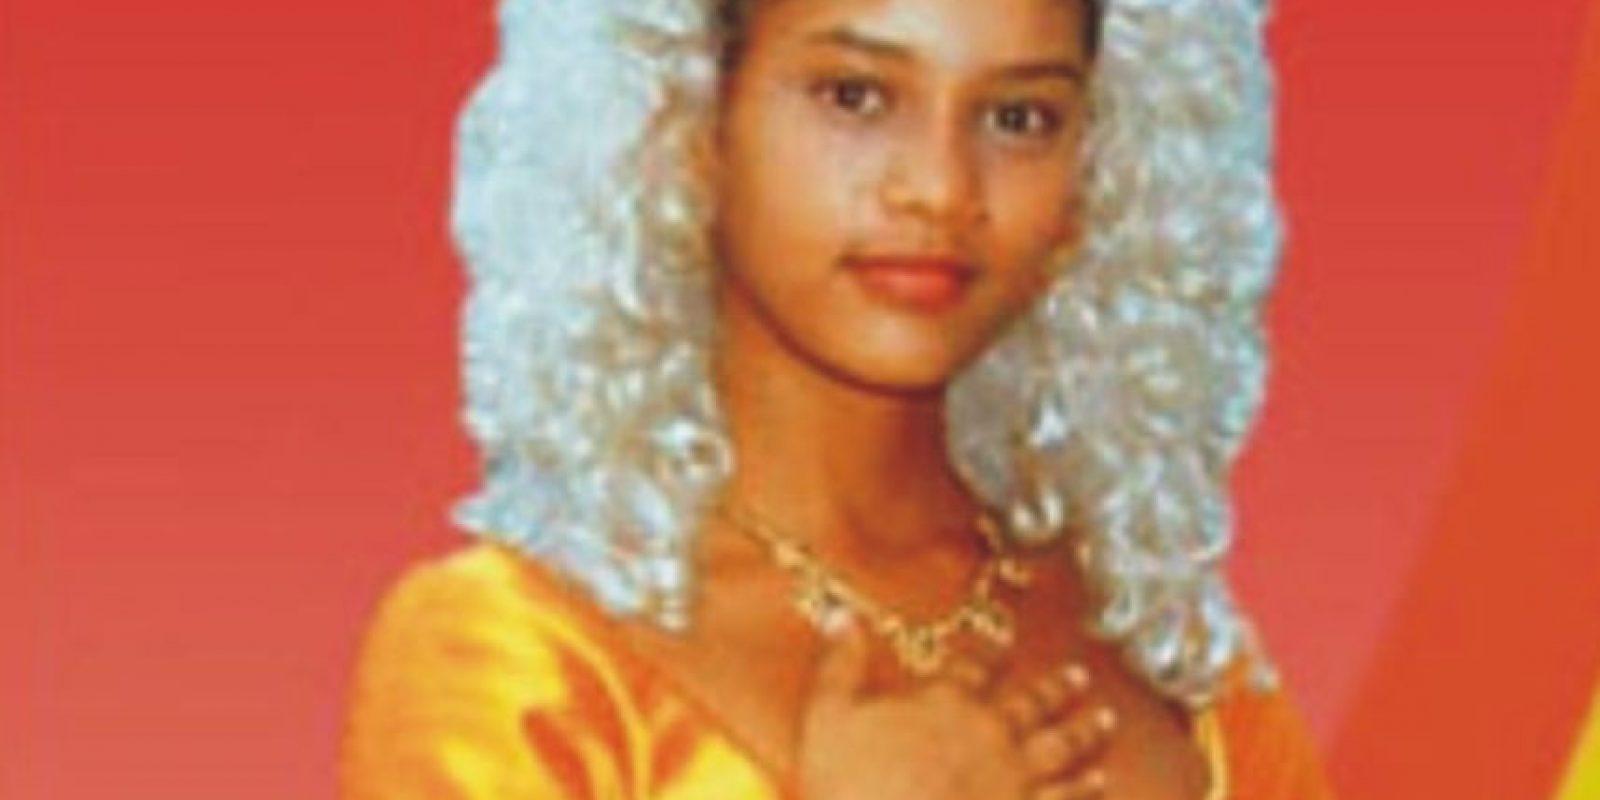 """La rechazaron para un comercial de helados por esto. A lo que ella respondió: """"¿Acaso los negros no comen helado?"""". Sin embargo, rompió paradigmas al ser la primera actriz afro en tener un protagónico en la televisión brasileña. Foto:vía Rede Manchete"""